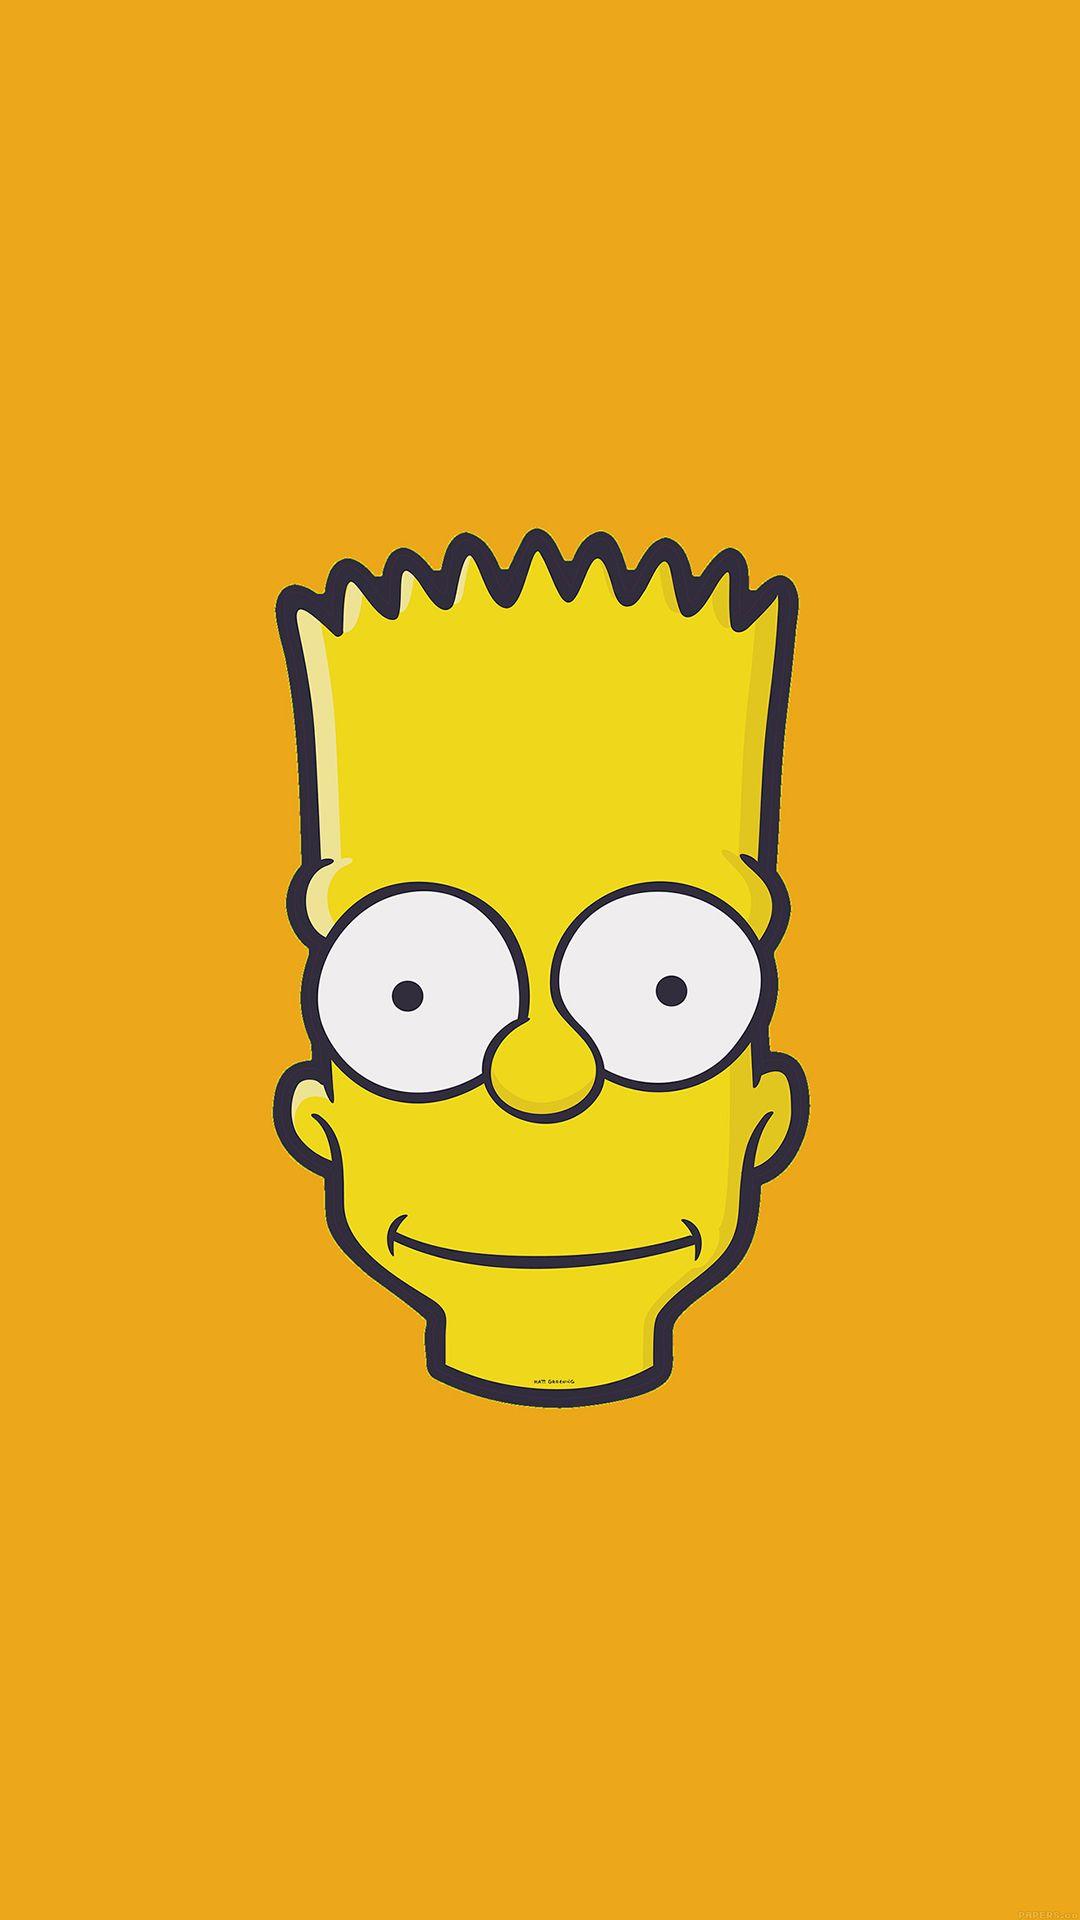 Bart Simpson Face Illust Art Yellow Minimal Simple iPhone